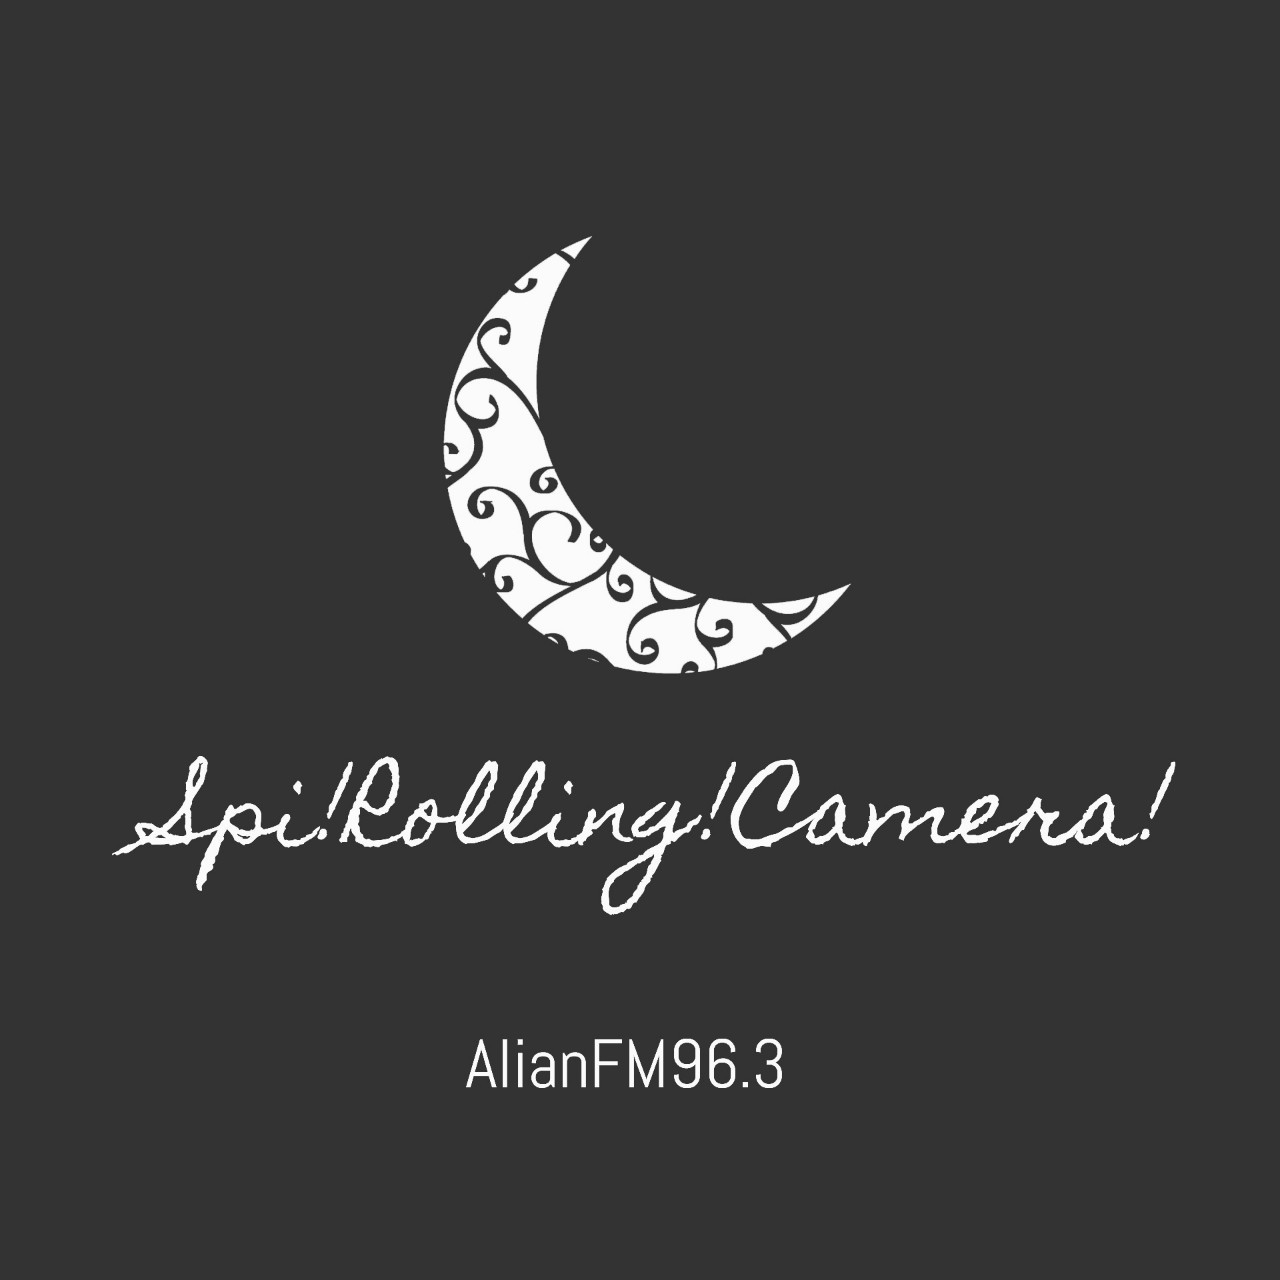 Spi!Rolling!Camera!-ep14